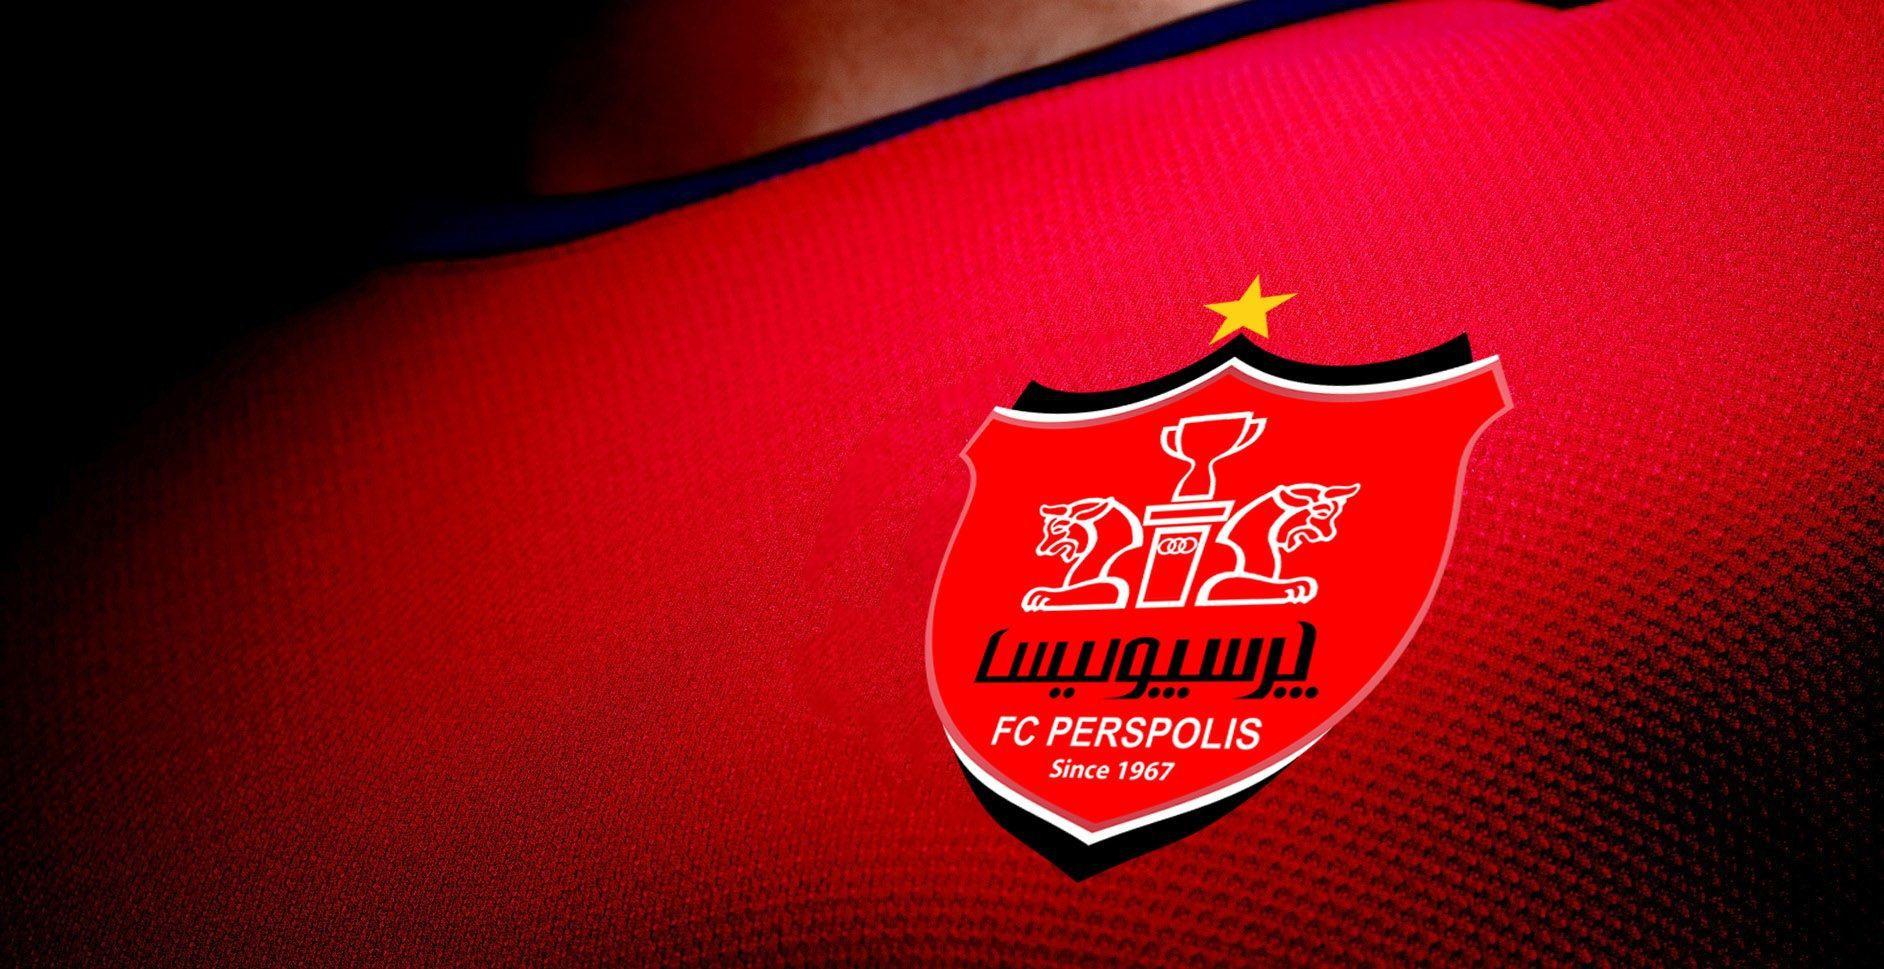 باشگاه پرسپولیس در مورد گادوین منشا بیانیه داد